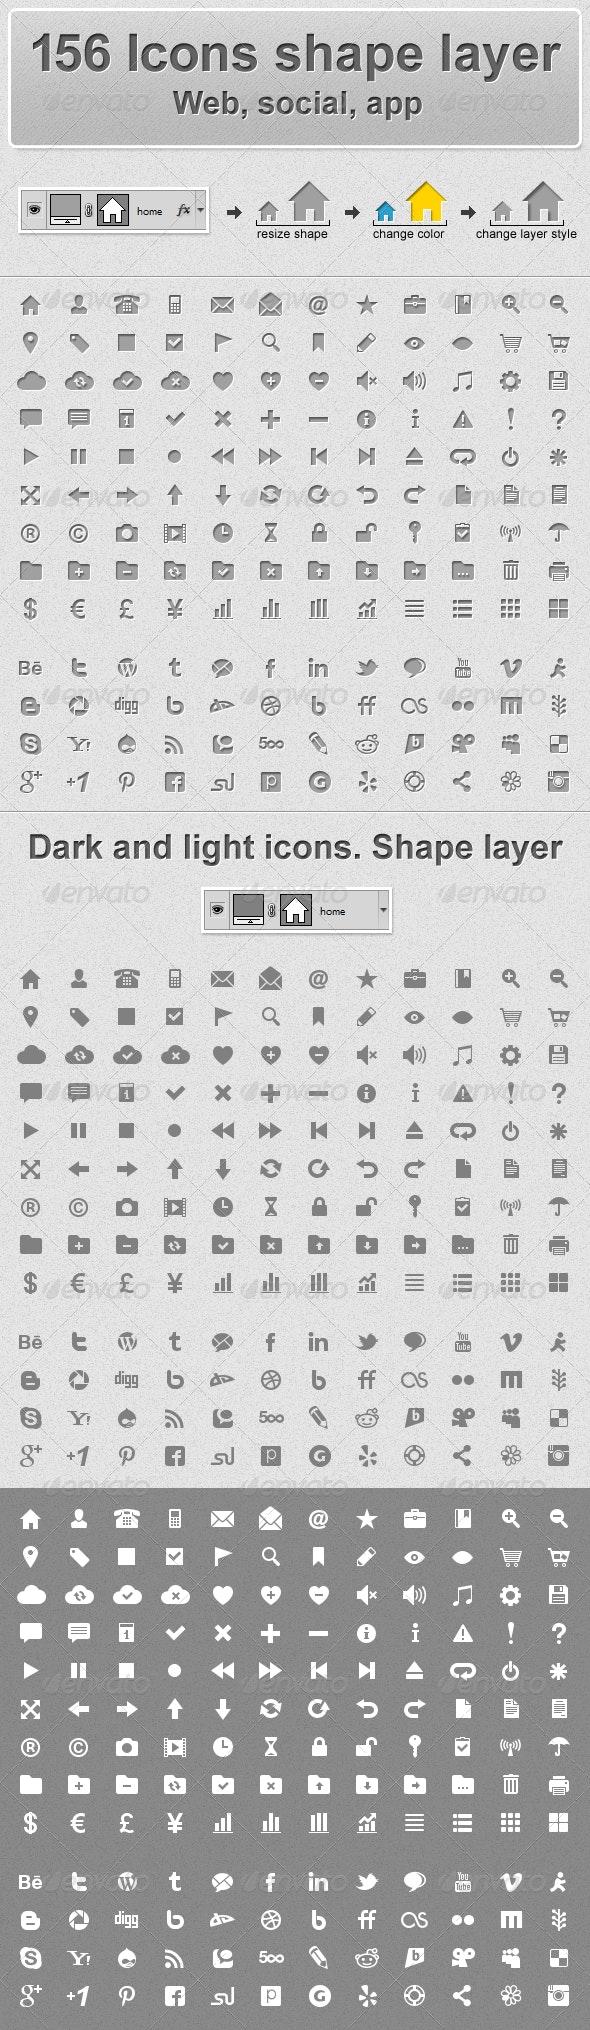 156 Web Icons - Shape Layer - Web Icons